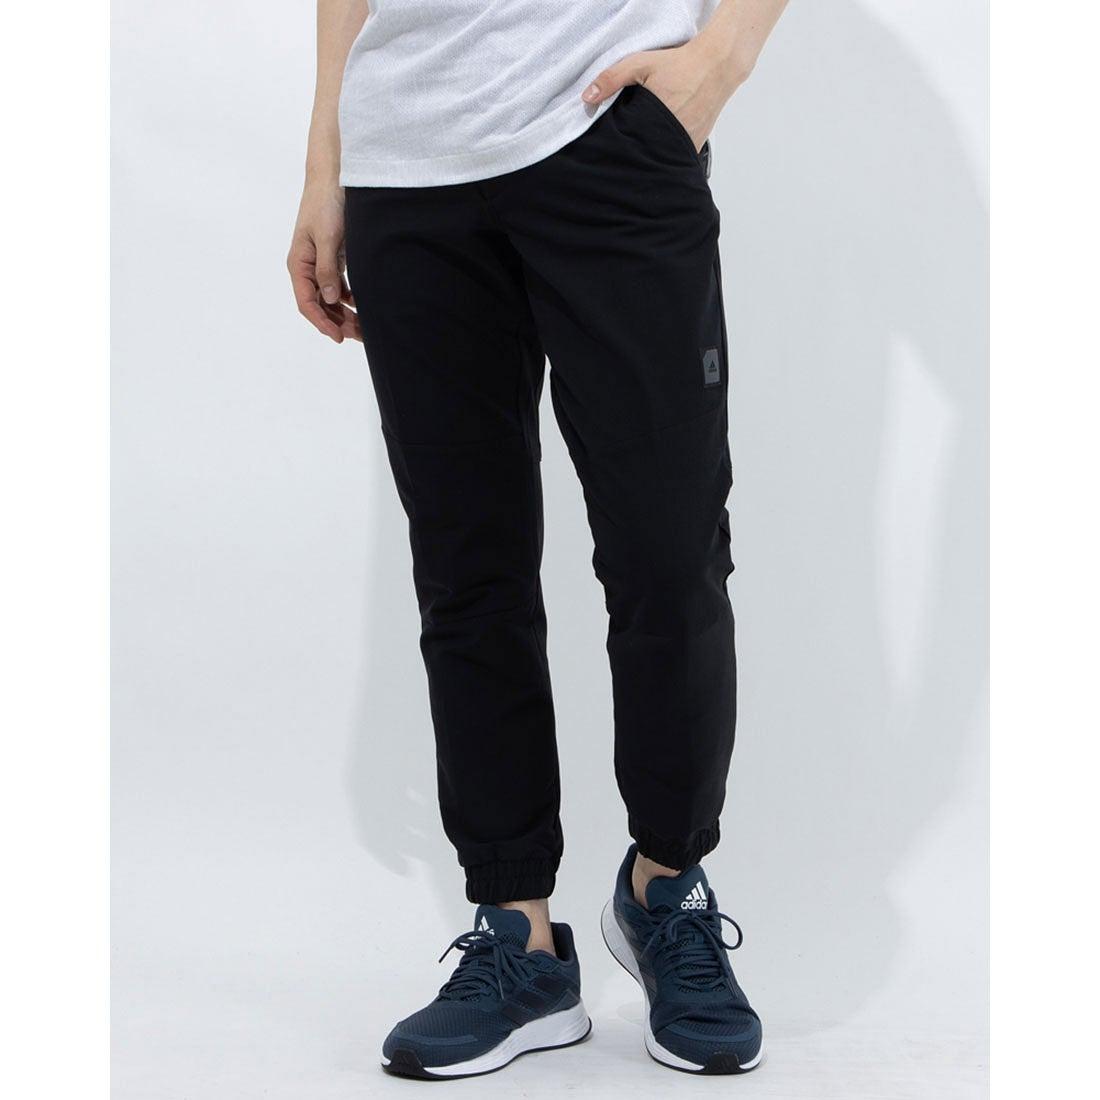 アディダス adidas メンズ ゴルフ スラックス ADICROSS ジョガーパンツ GM1203 (ブラック)